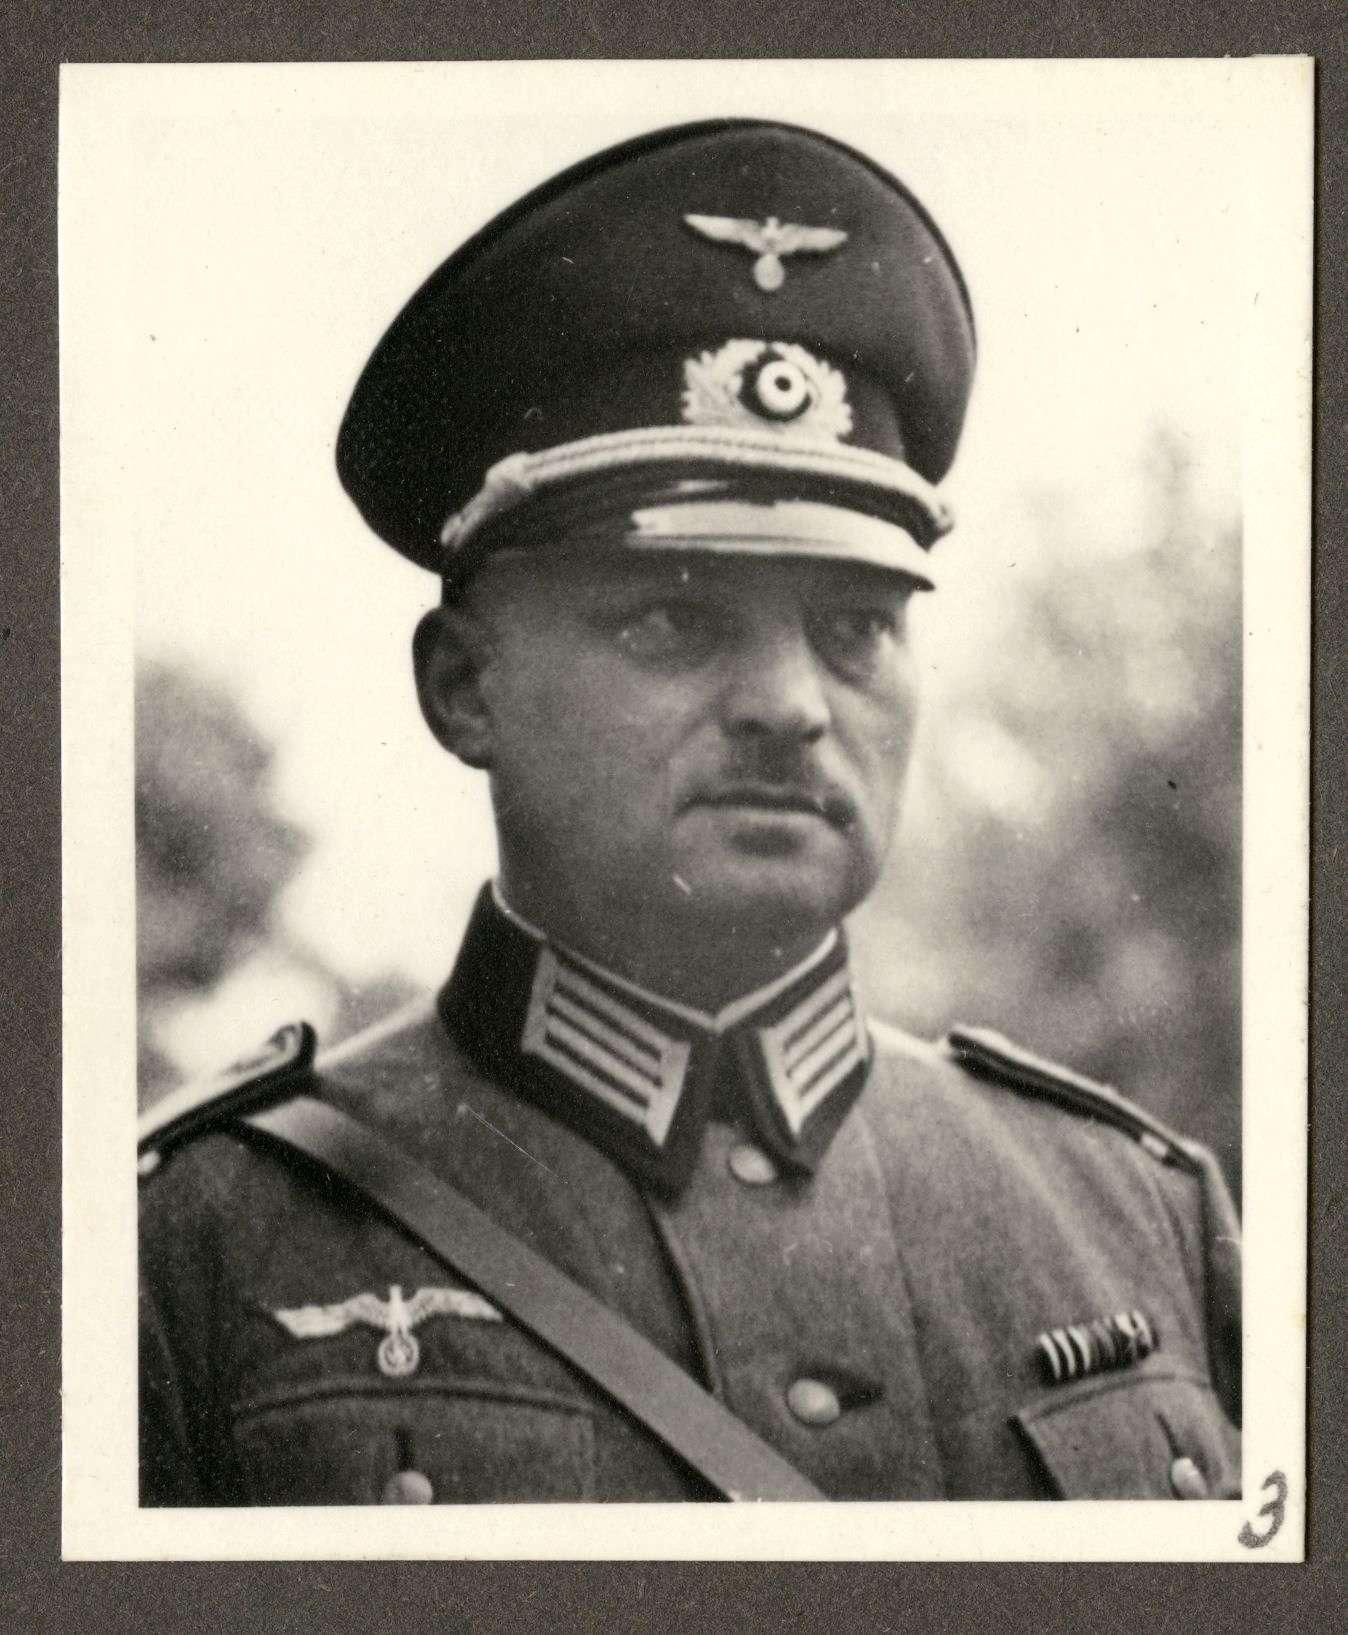 Widenmeyer, Hermann, Bild 3